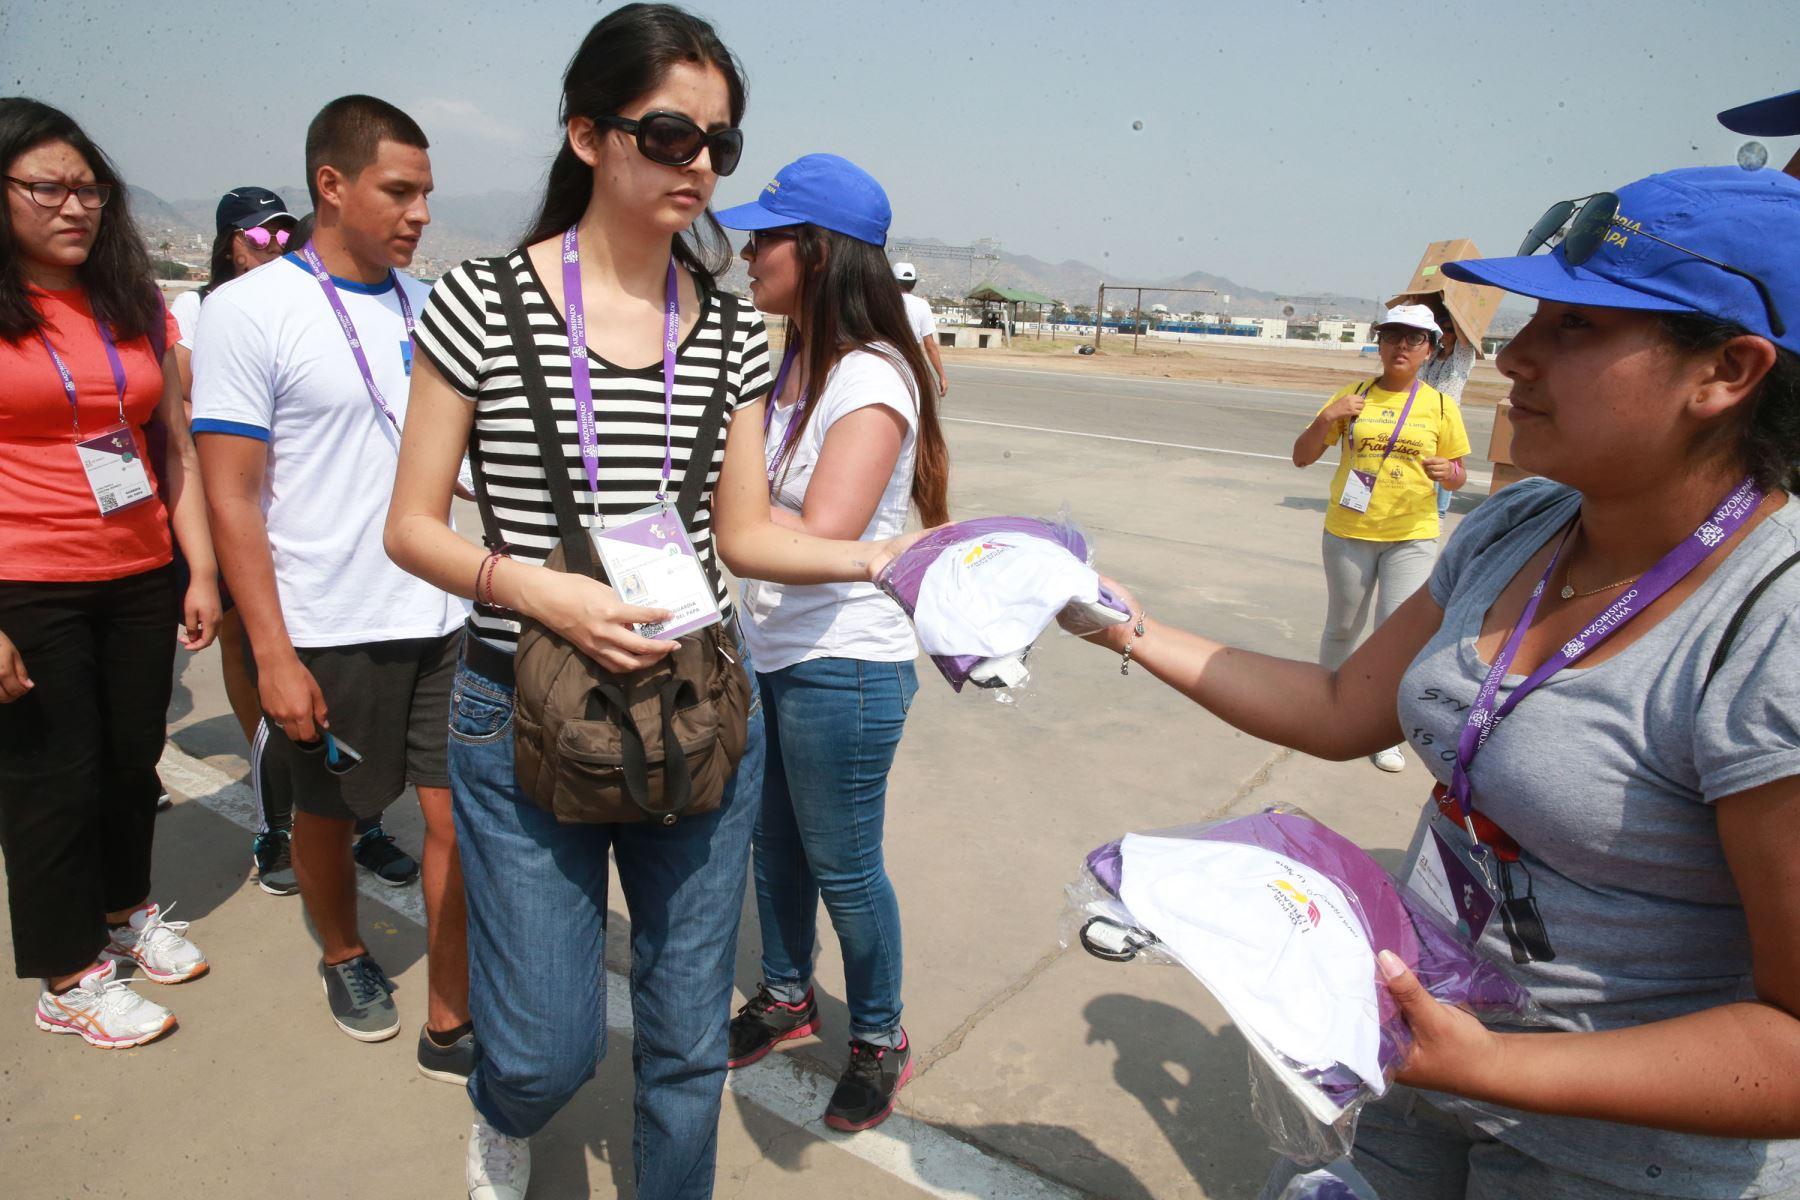 LIMA,PERÚ-ENERO 13. Realizan simulacro de desplazamiento en La base aérea Las Palmas, lugar donde se llevará a cabo la misa con el Papa Francisco. Foto: ANDINA/Vidal Tarqui